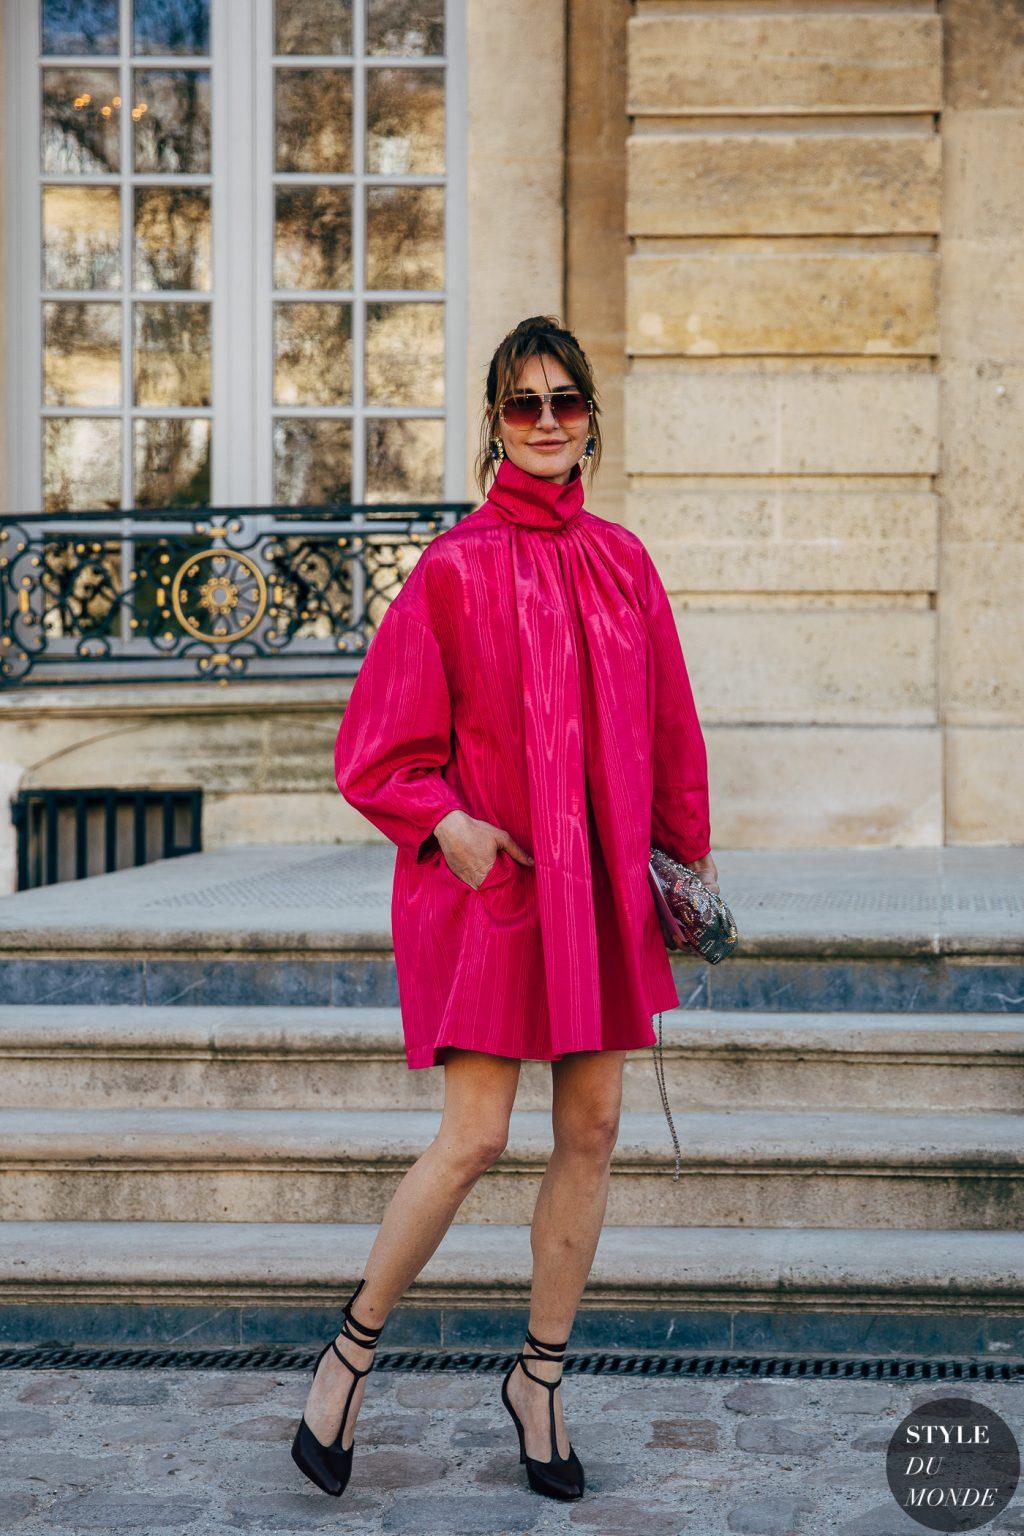 tuần lễ thời trang paris đầm hồng dior